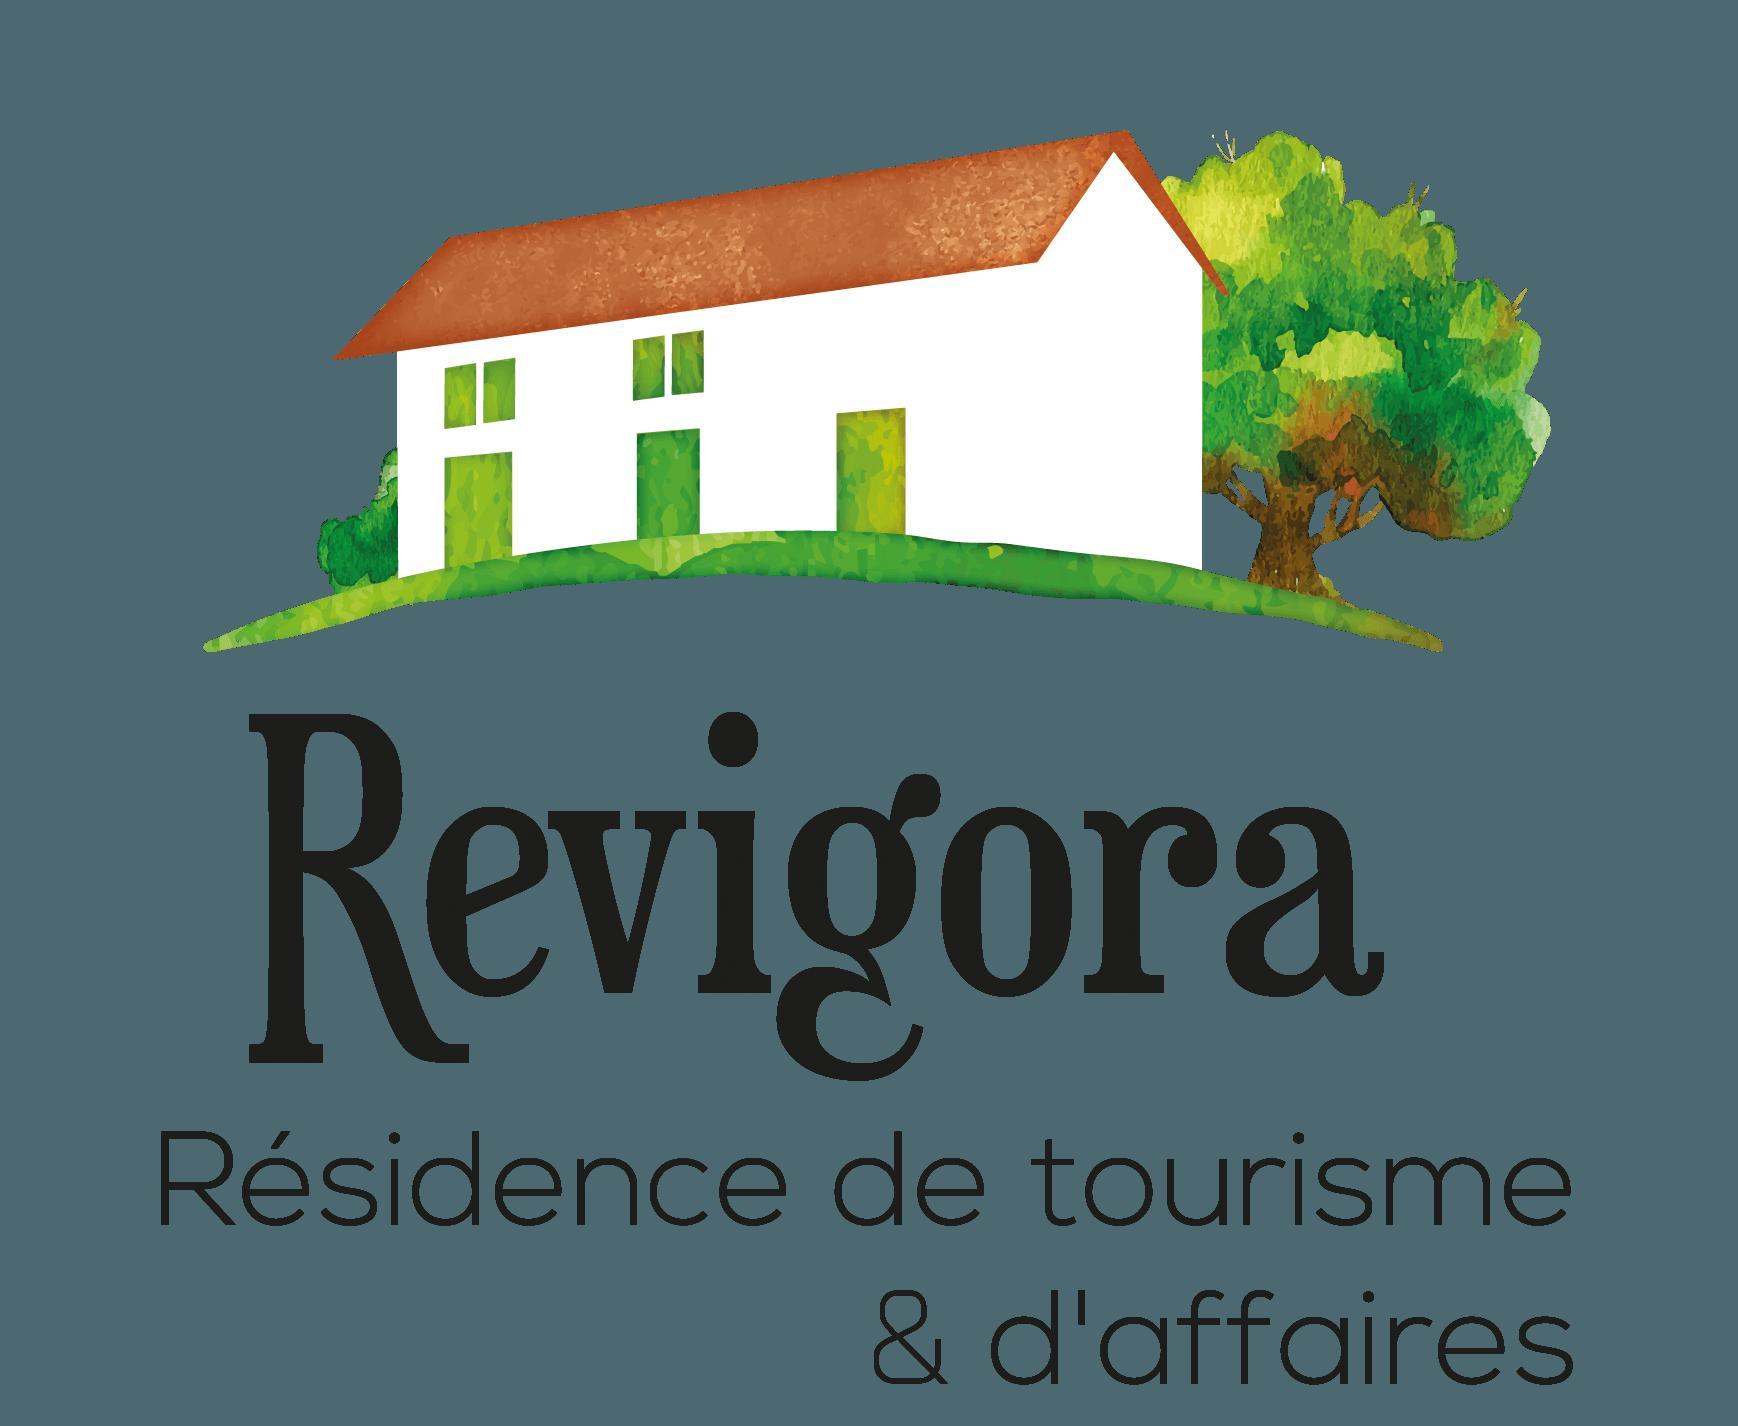 Revigora Résidence de Tourisme & d'affaires